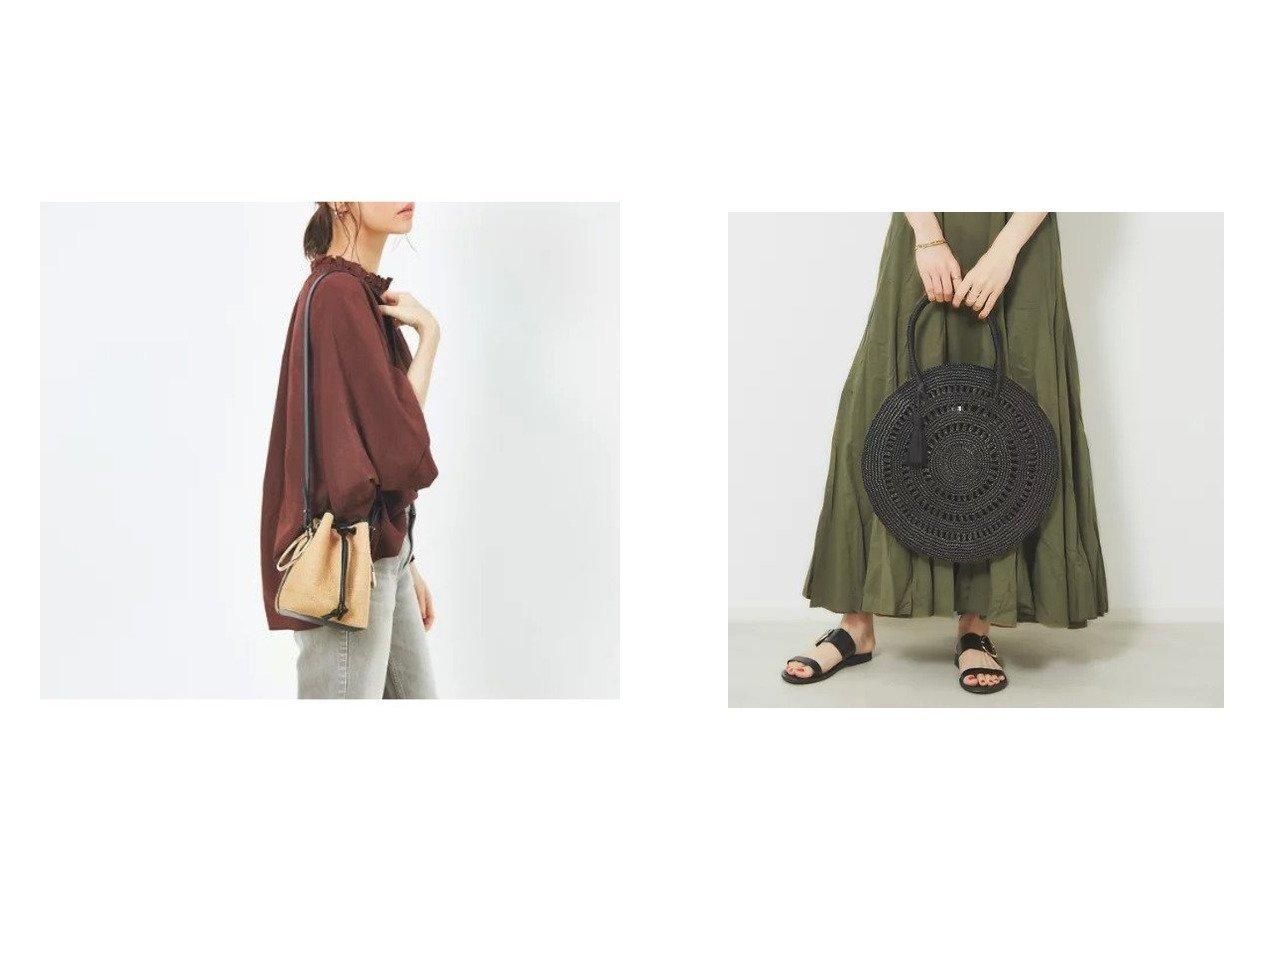 【Rouge vif/ルージュ ヴィフ】の【MAISON N.H PARIS】 サークルバッグM&【MAISON BOINET】ショルダーバッグ バッグ・鞄のおすすめ!人気、トレンド・レディースファッションの通販 おすすめで人気の流行・トレンド、ファッションの通販商品 メンズファッション・キッズファッション・インテリア・家具・レディースファッション・服の通販 founy(ファニー) https://founy.com/ ファッション Fashion レディースファッション WOMEN バッグ Bag サークル リゾート 人気 ハンドバッグ パイピング フランス メッシュ メンズ ラグジュアリー |ID:crp329100000013702